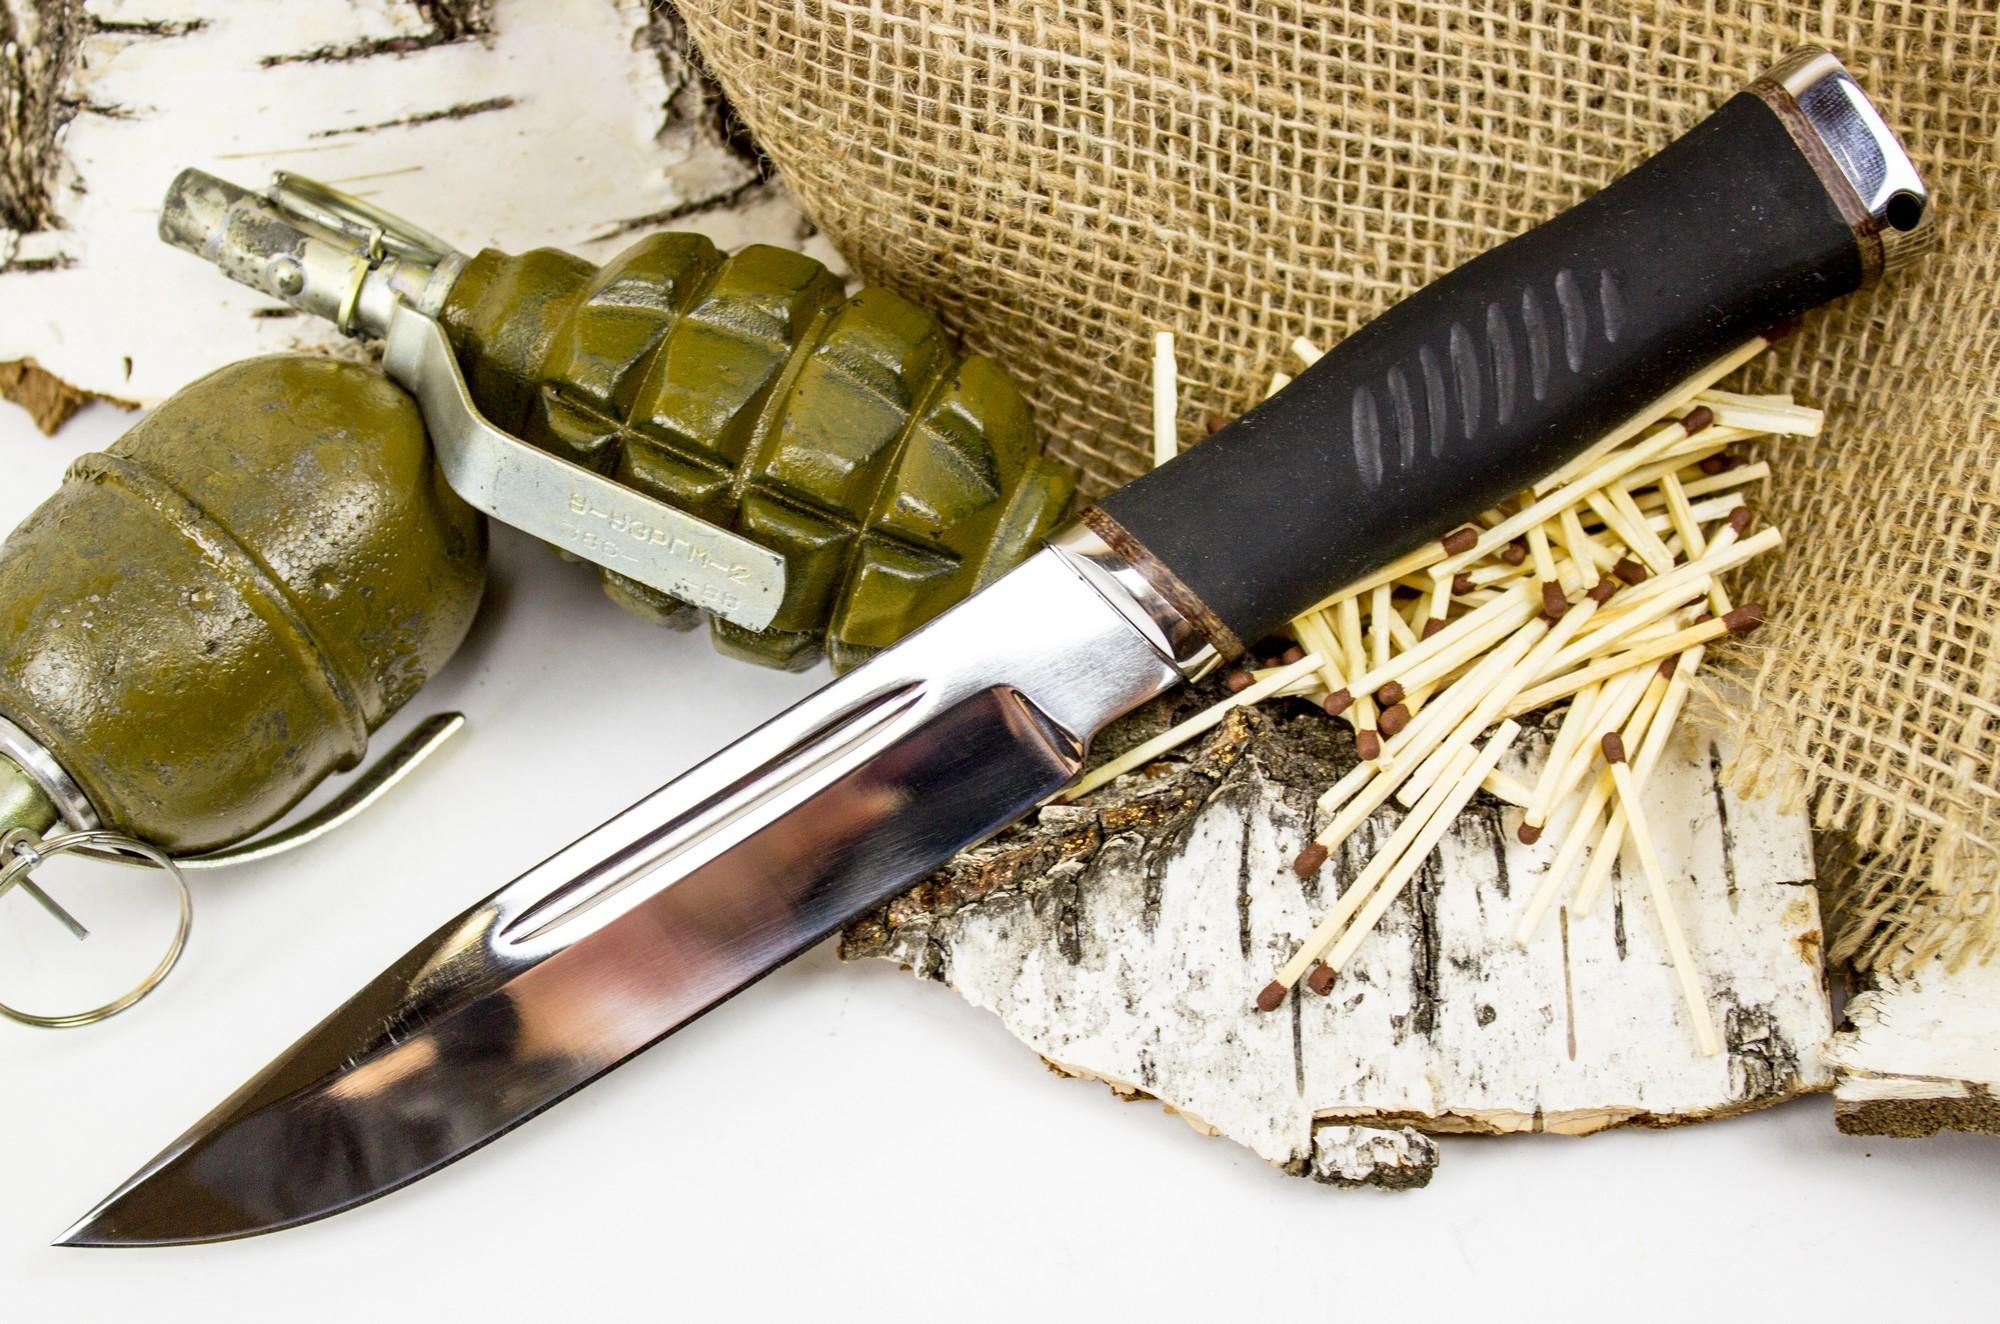 Фото 5 - Нож Казак-1, сталь 65х13 от Титов и Солдатова